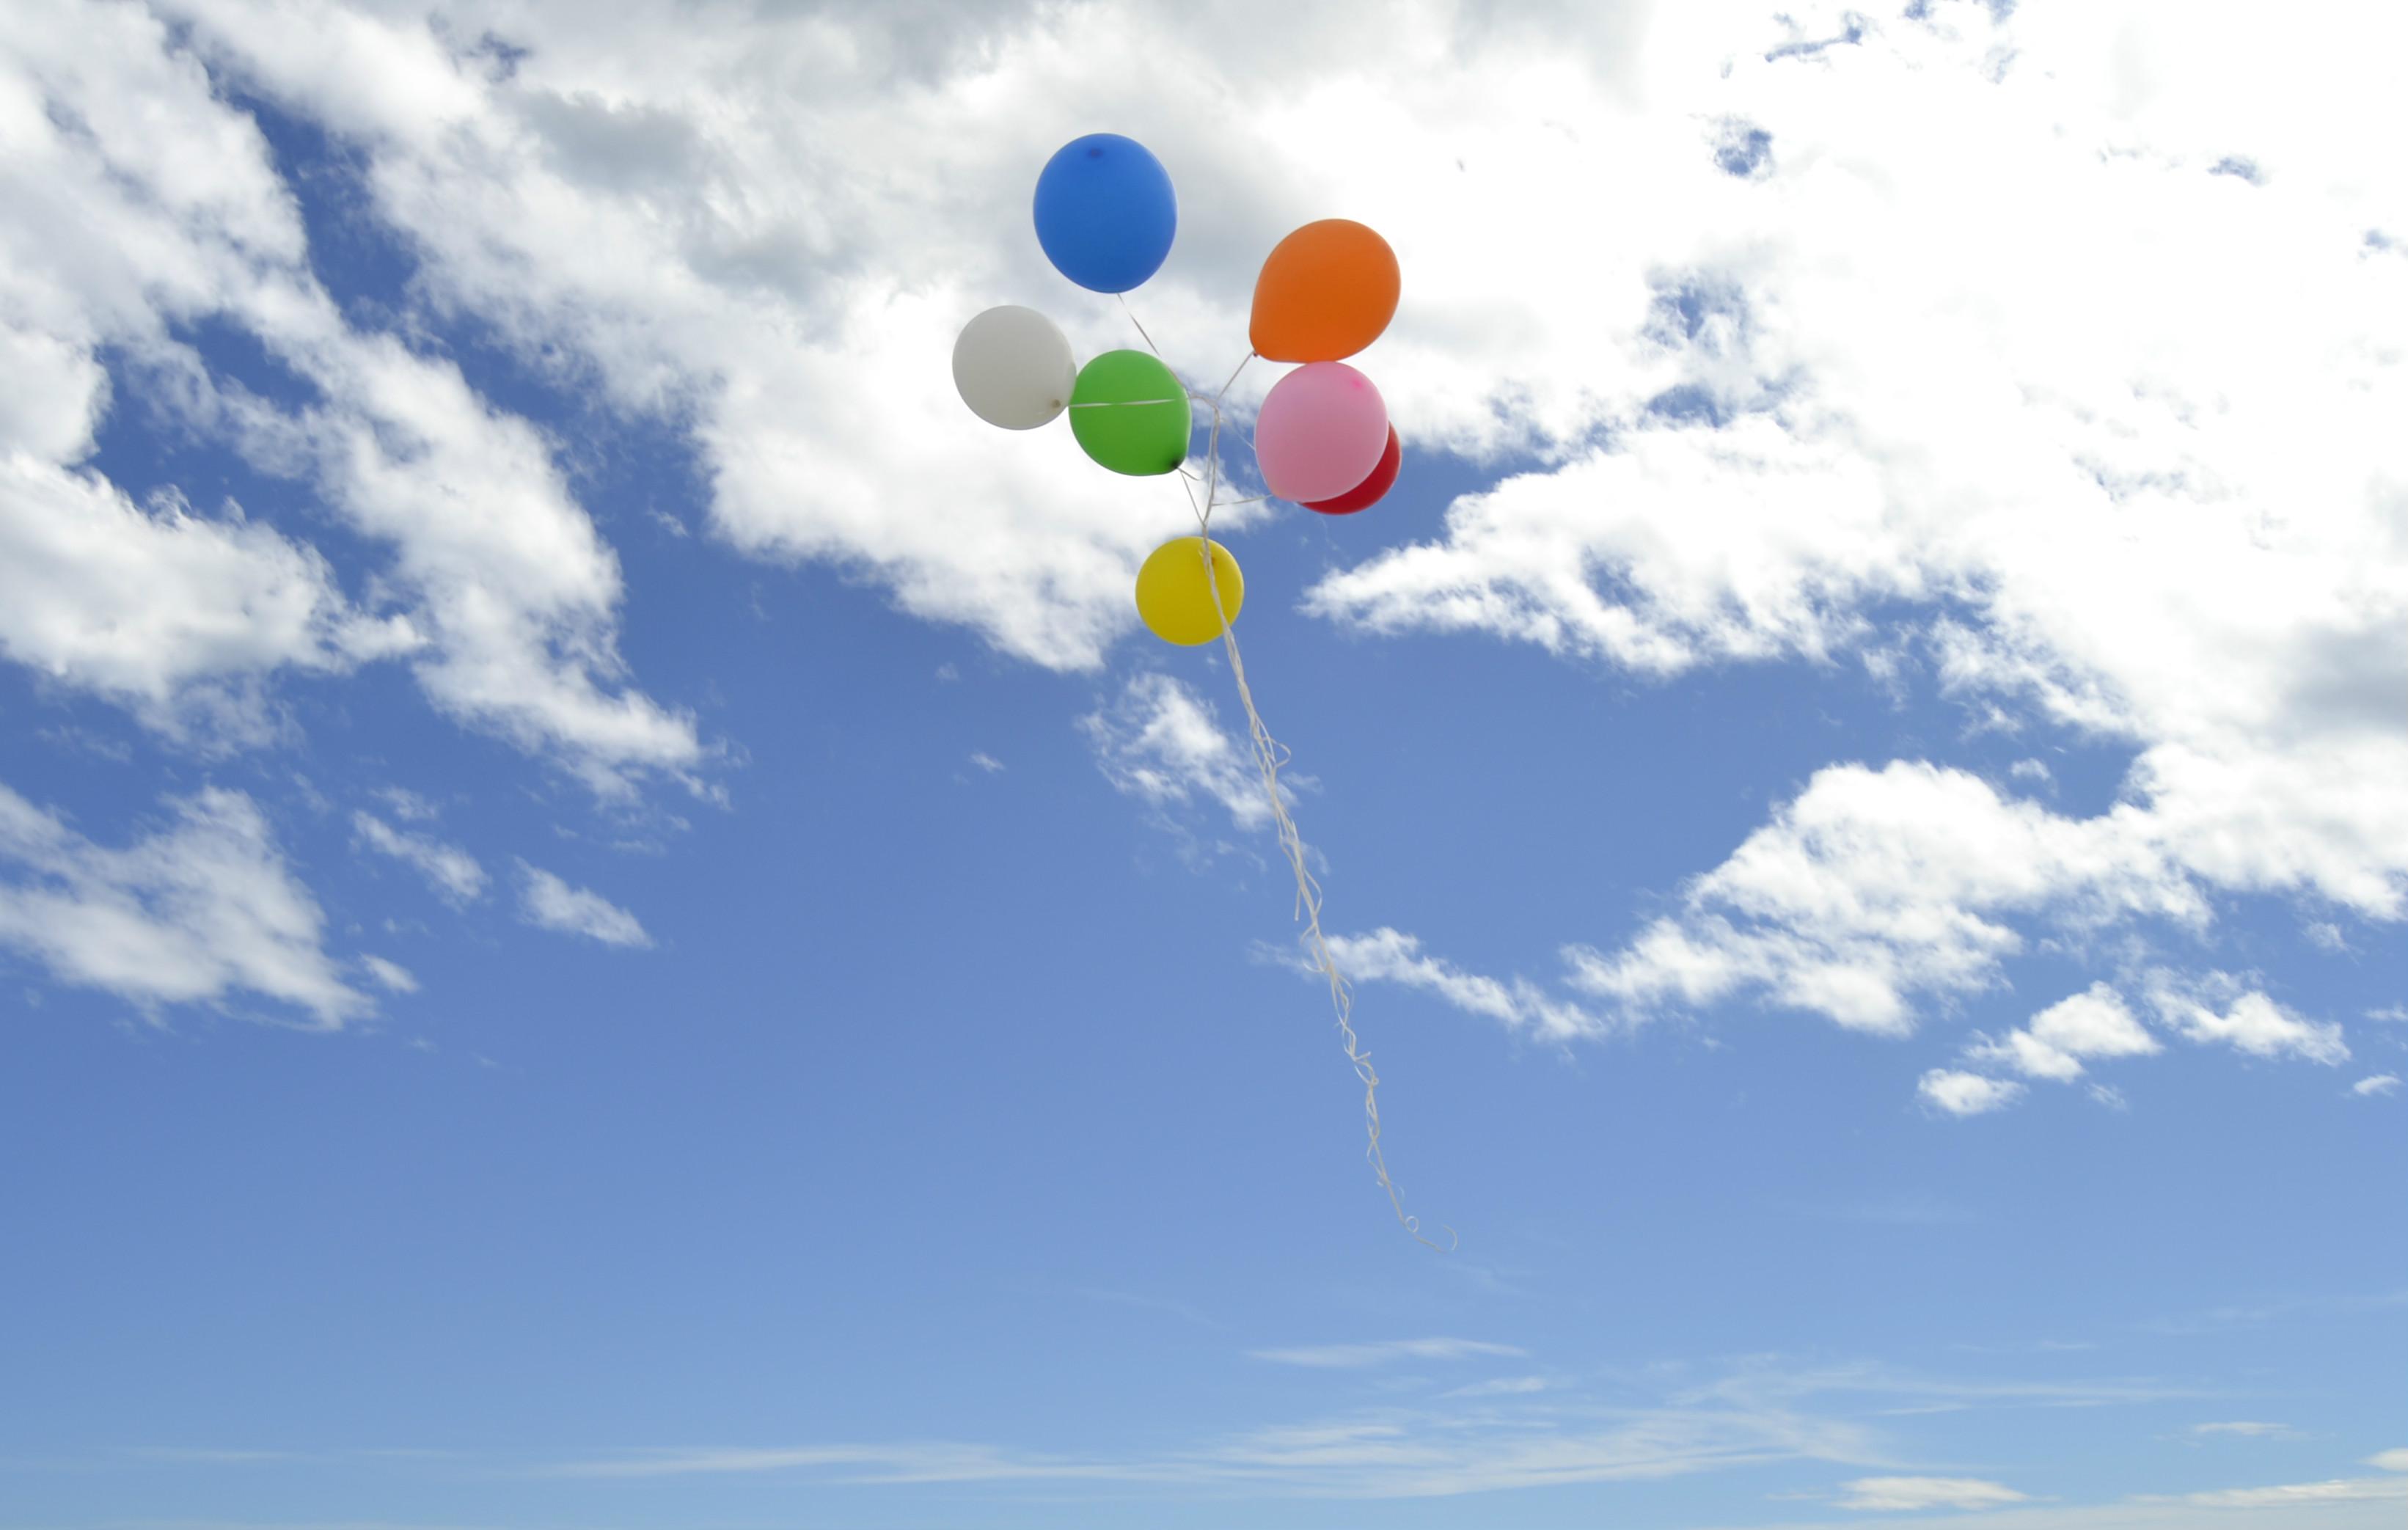 Globos de helio para fotos